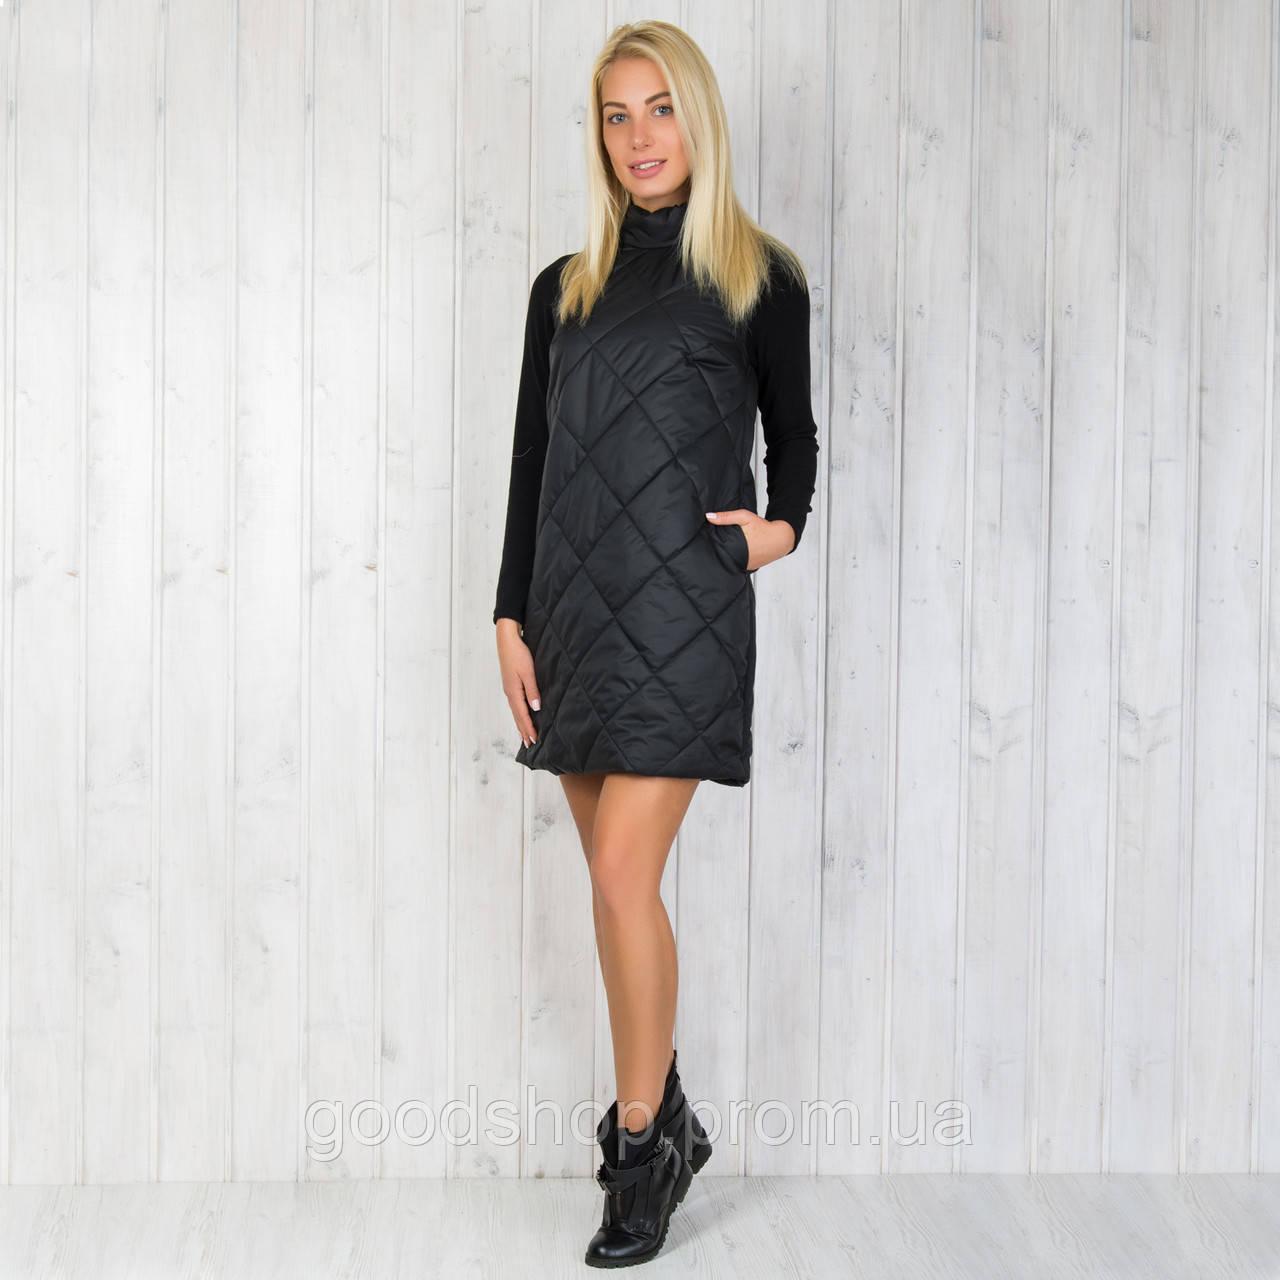 4fb6576e4c8 Женское тёплое стёганое платье. - интернет-магазин GoodShop в Одессе